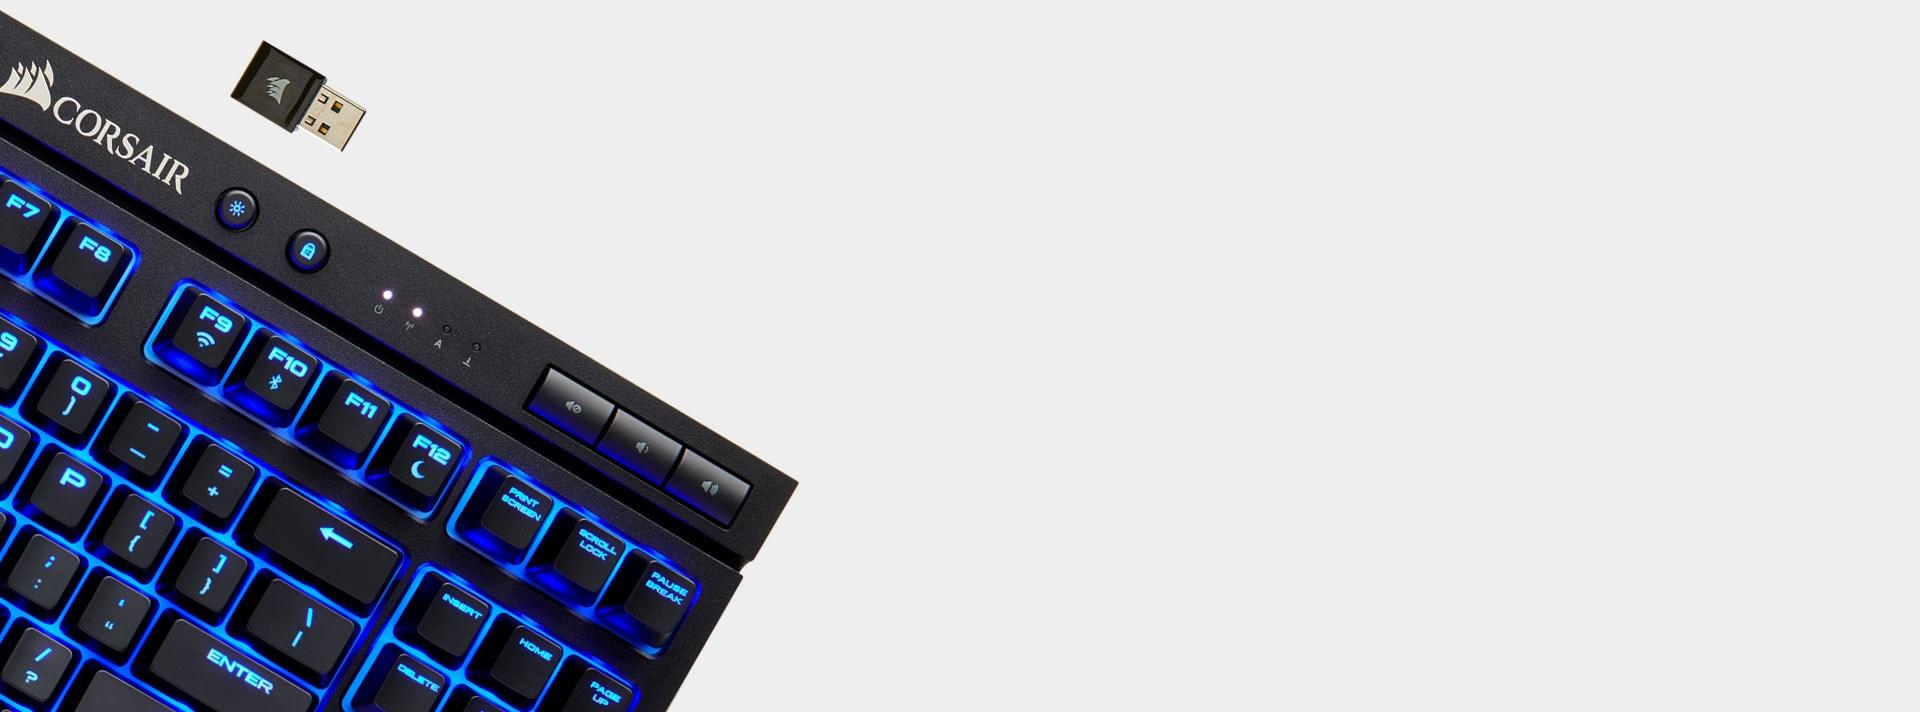 Bàn phím cơ Corsair K63 Wireless - Cherry MX Red (USB/Blue Led) (CH-9145030-NA) có kết nối rất đa dạng